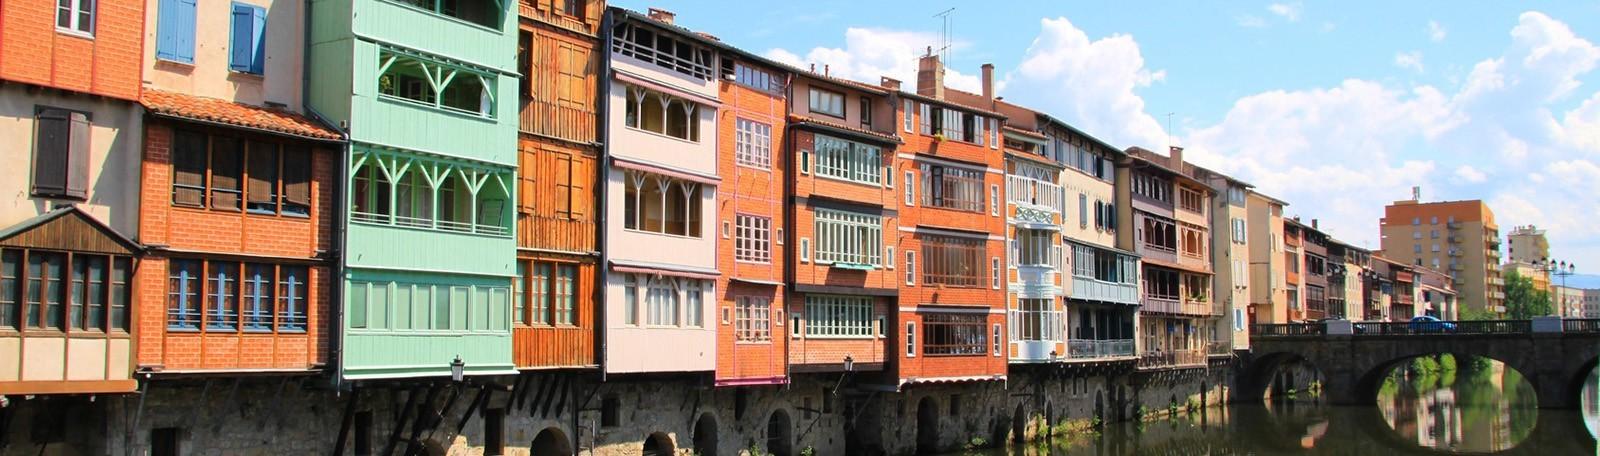 Réservation parking Berges Castres